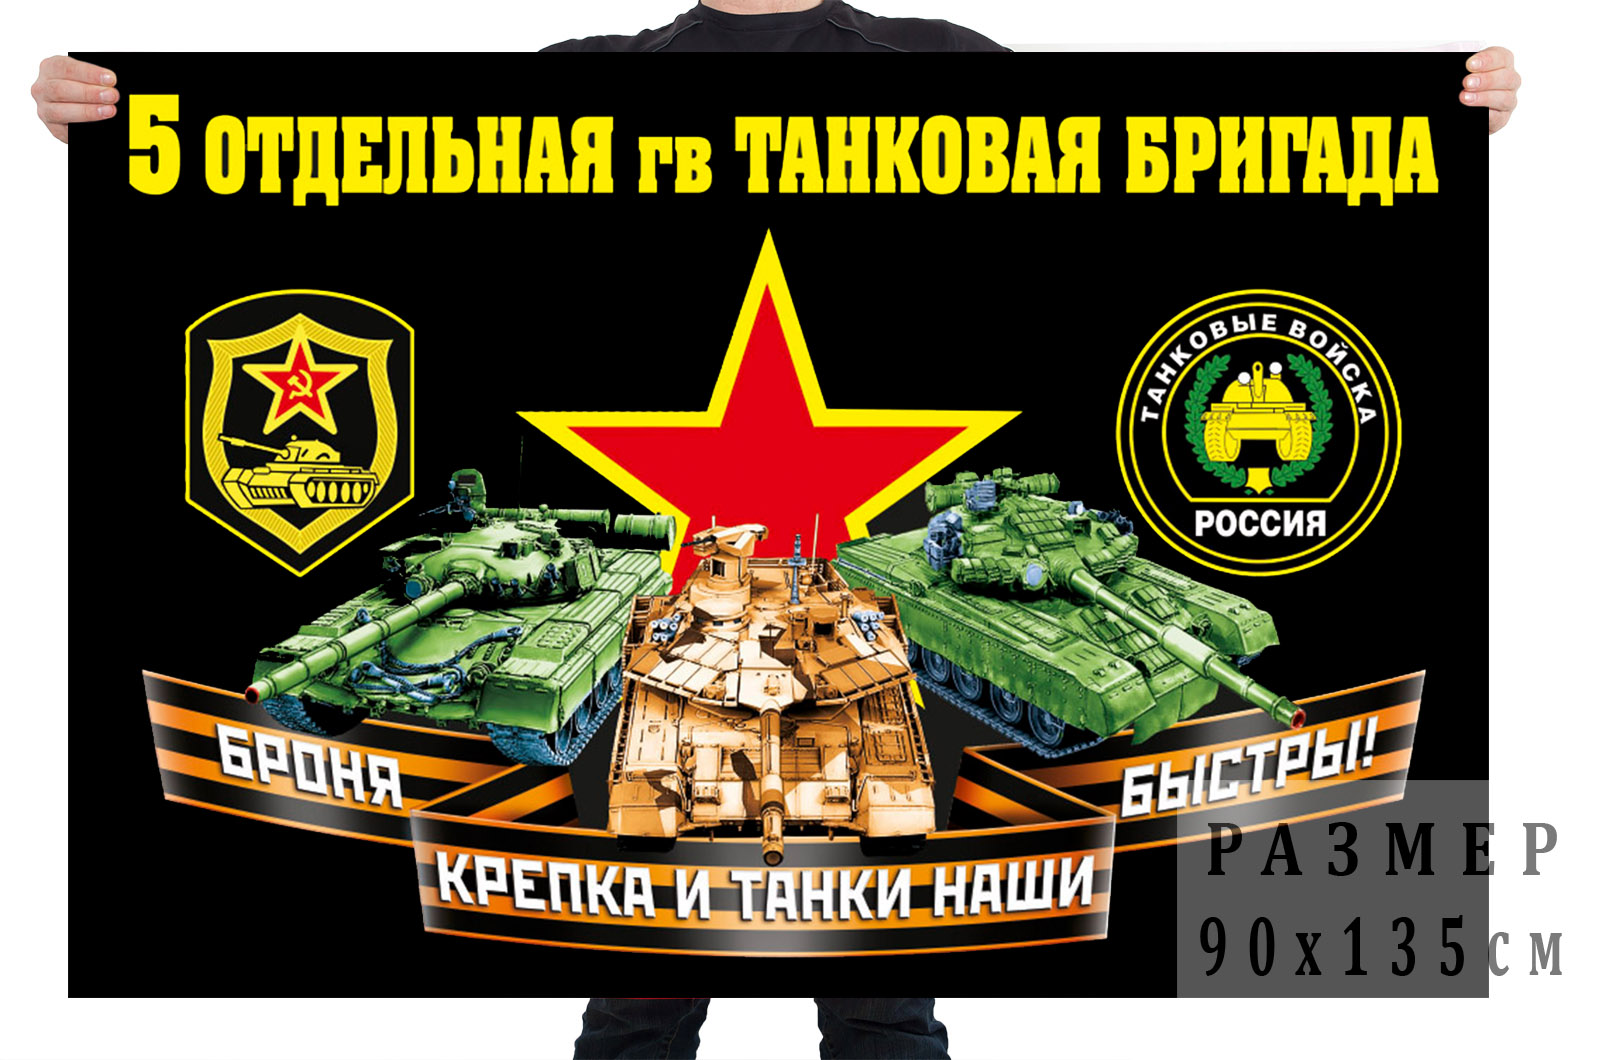 Флаг 5 отдельной гвардейской танковой бригады